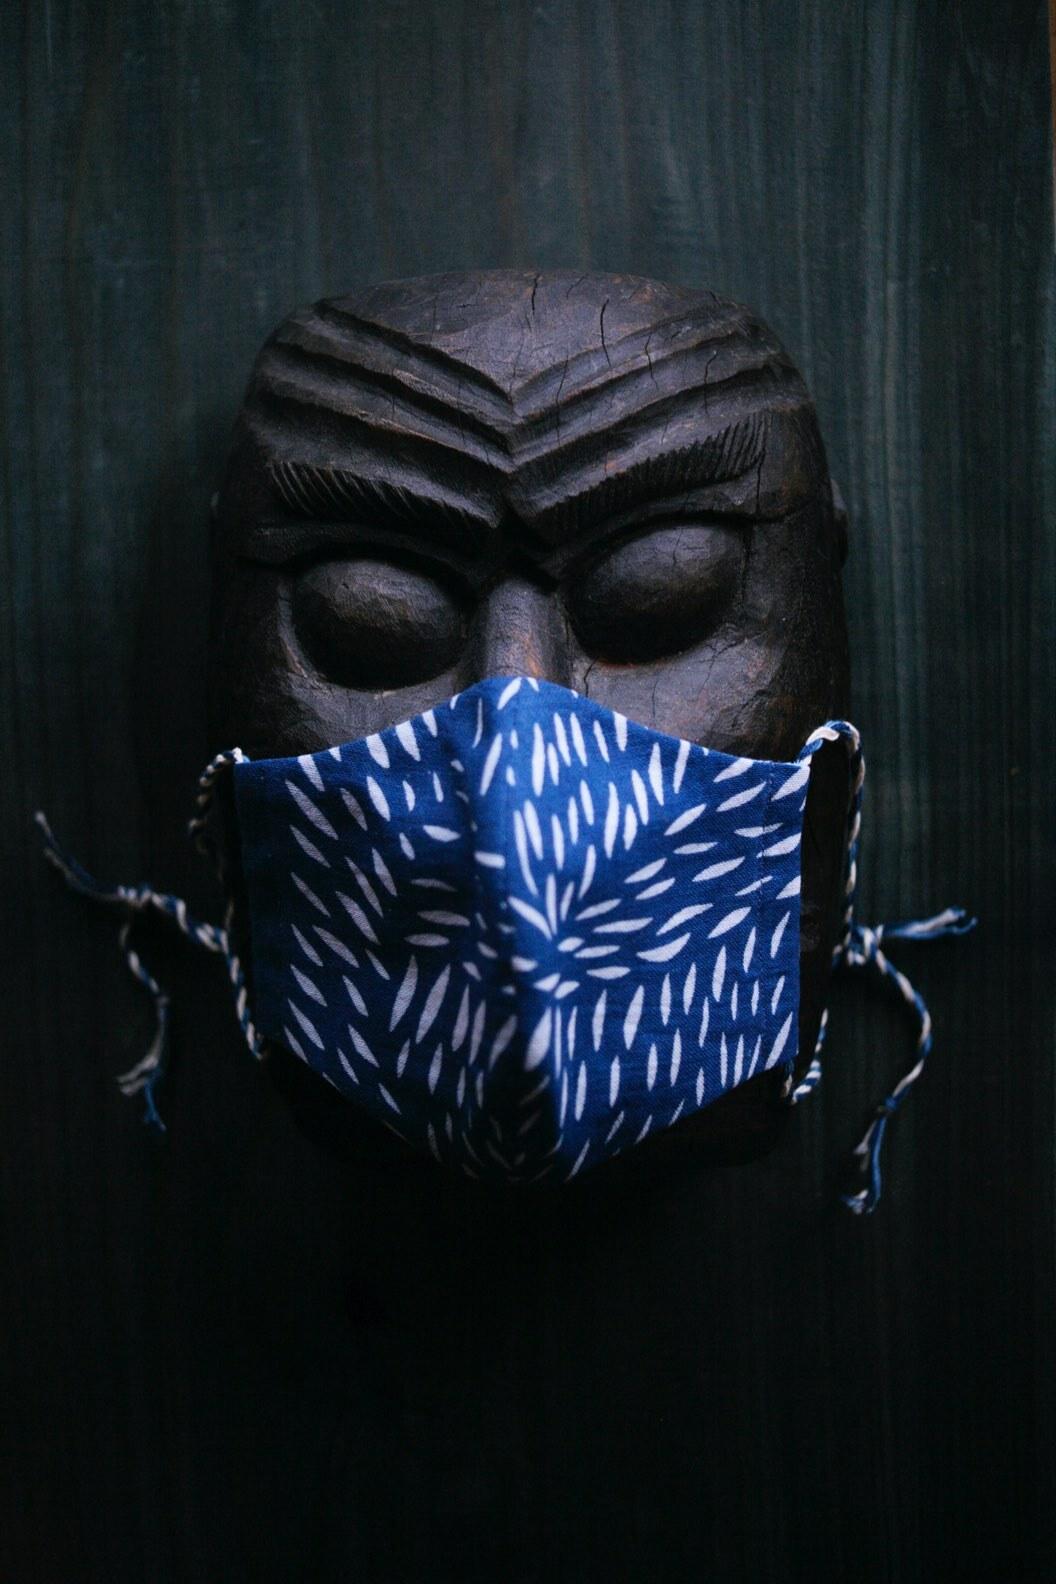 藍染獣毛文様マスク